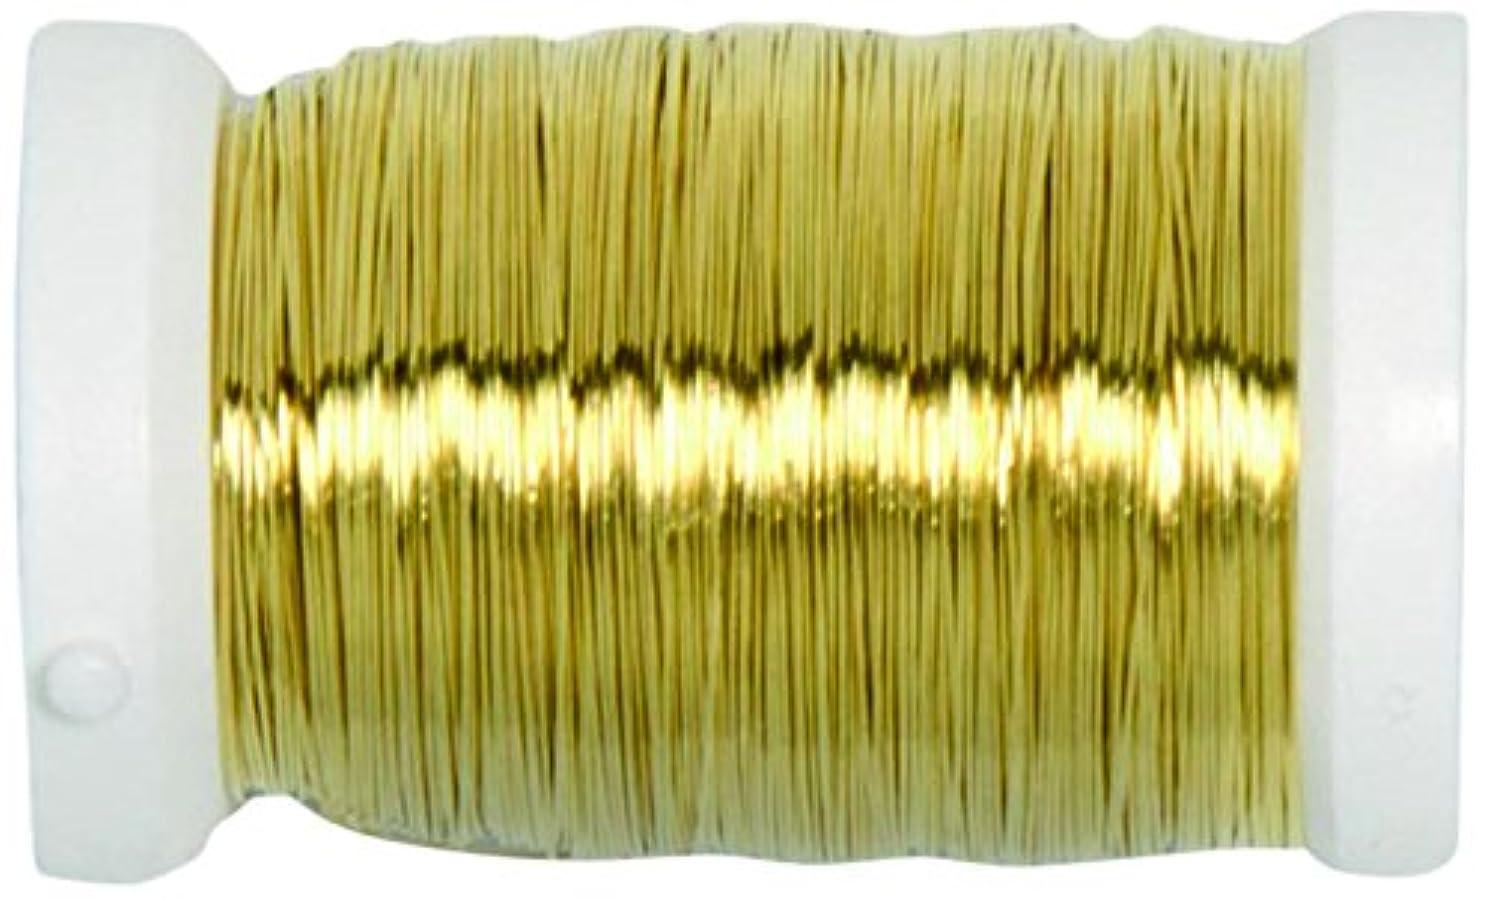 Glorex Brass Wire, Brass, 3?x 8.6?x 3?cm